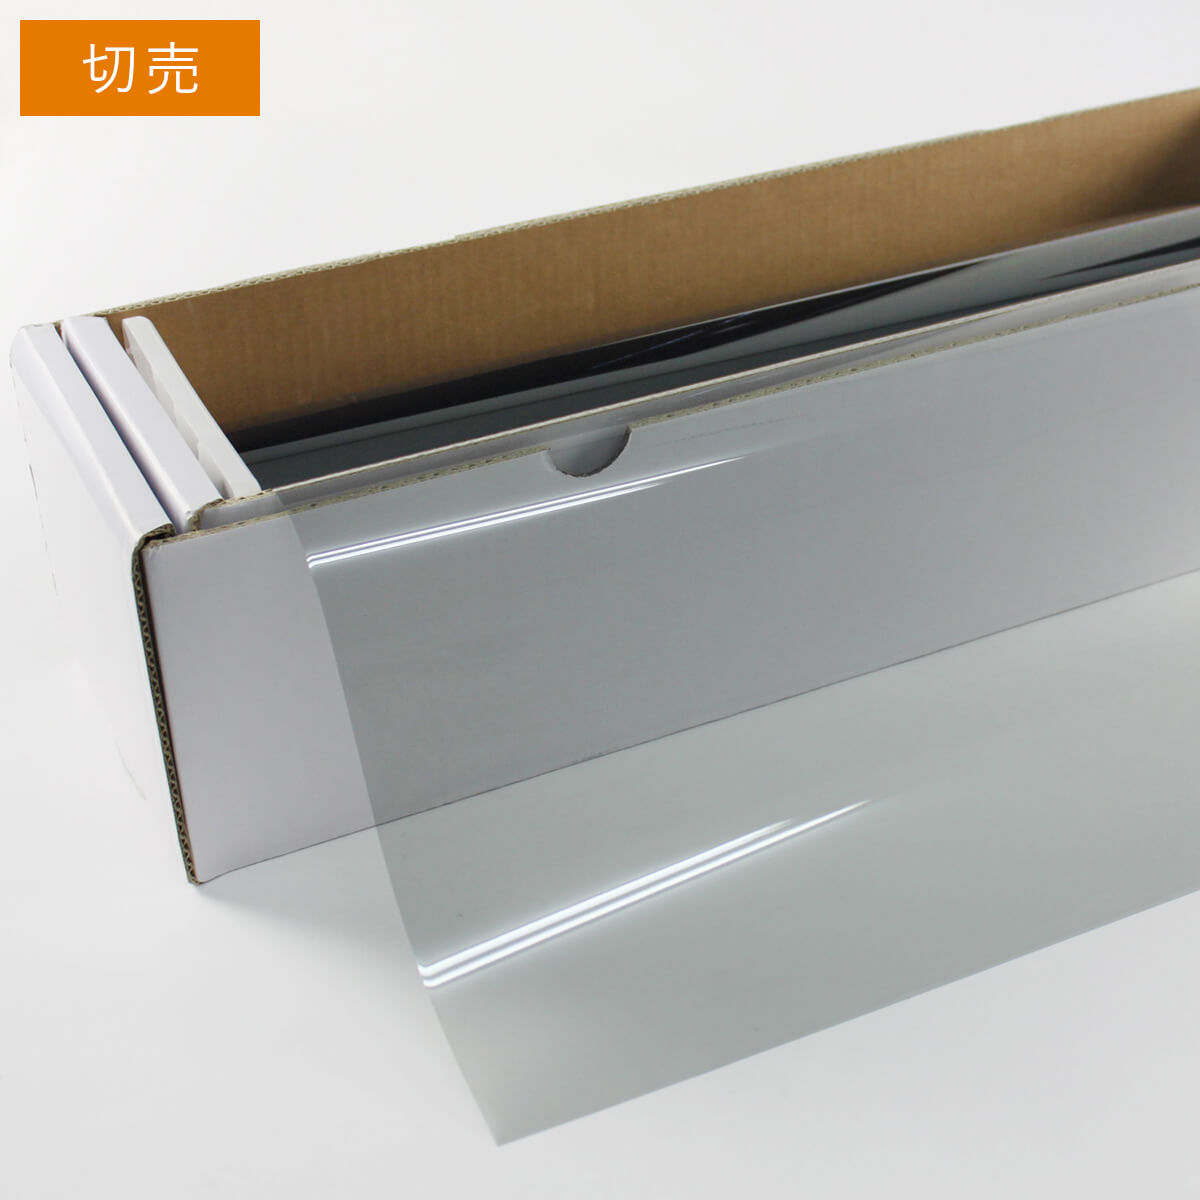 条件付き送料無料 ウィンドウフィルム 窓ガラスフィルム スーパーUV400ニュートラル70(71%) 50cm幅×1m単位切売 遮熱フィルム 断熱フィルム UVカットフィルム ブレインテック Braintec